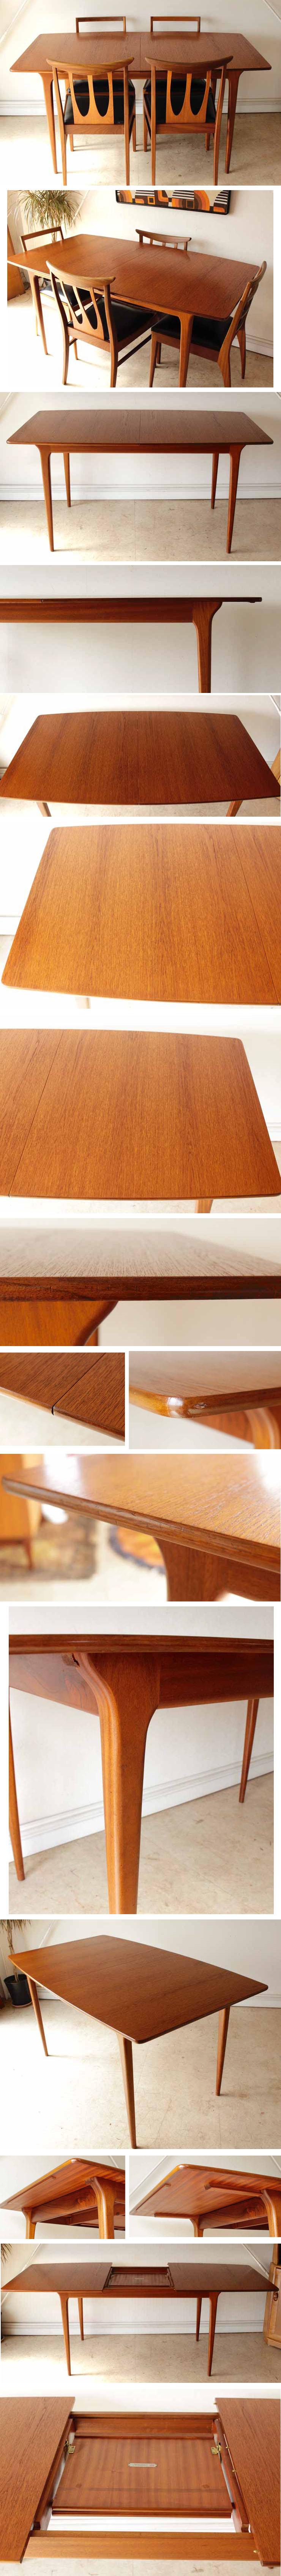 マッキントッシュ・ダイニングテーブル・エクステンション・伸張式・ミッドセンチュリー・ビンテージ・インテリア